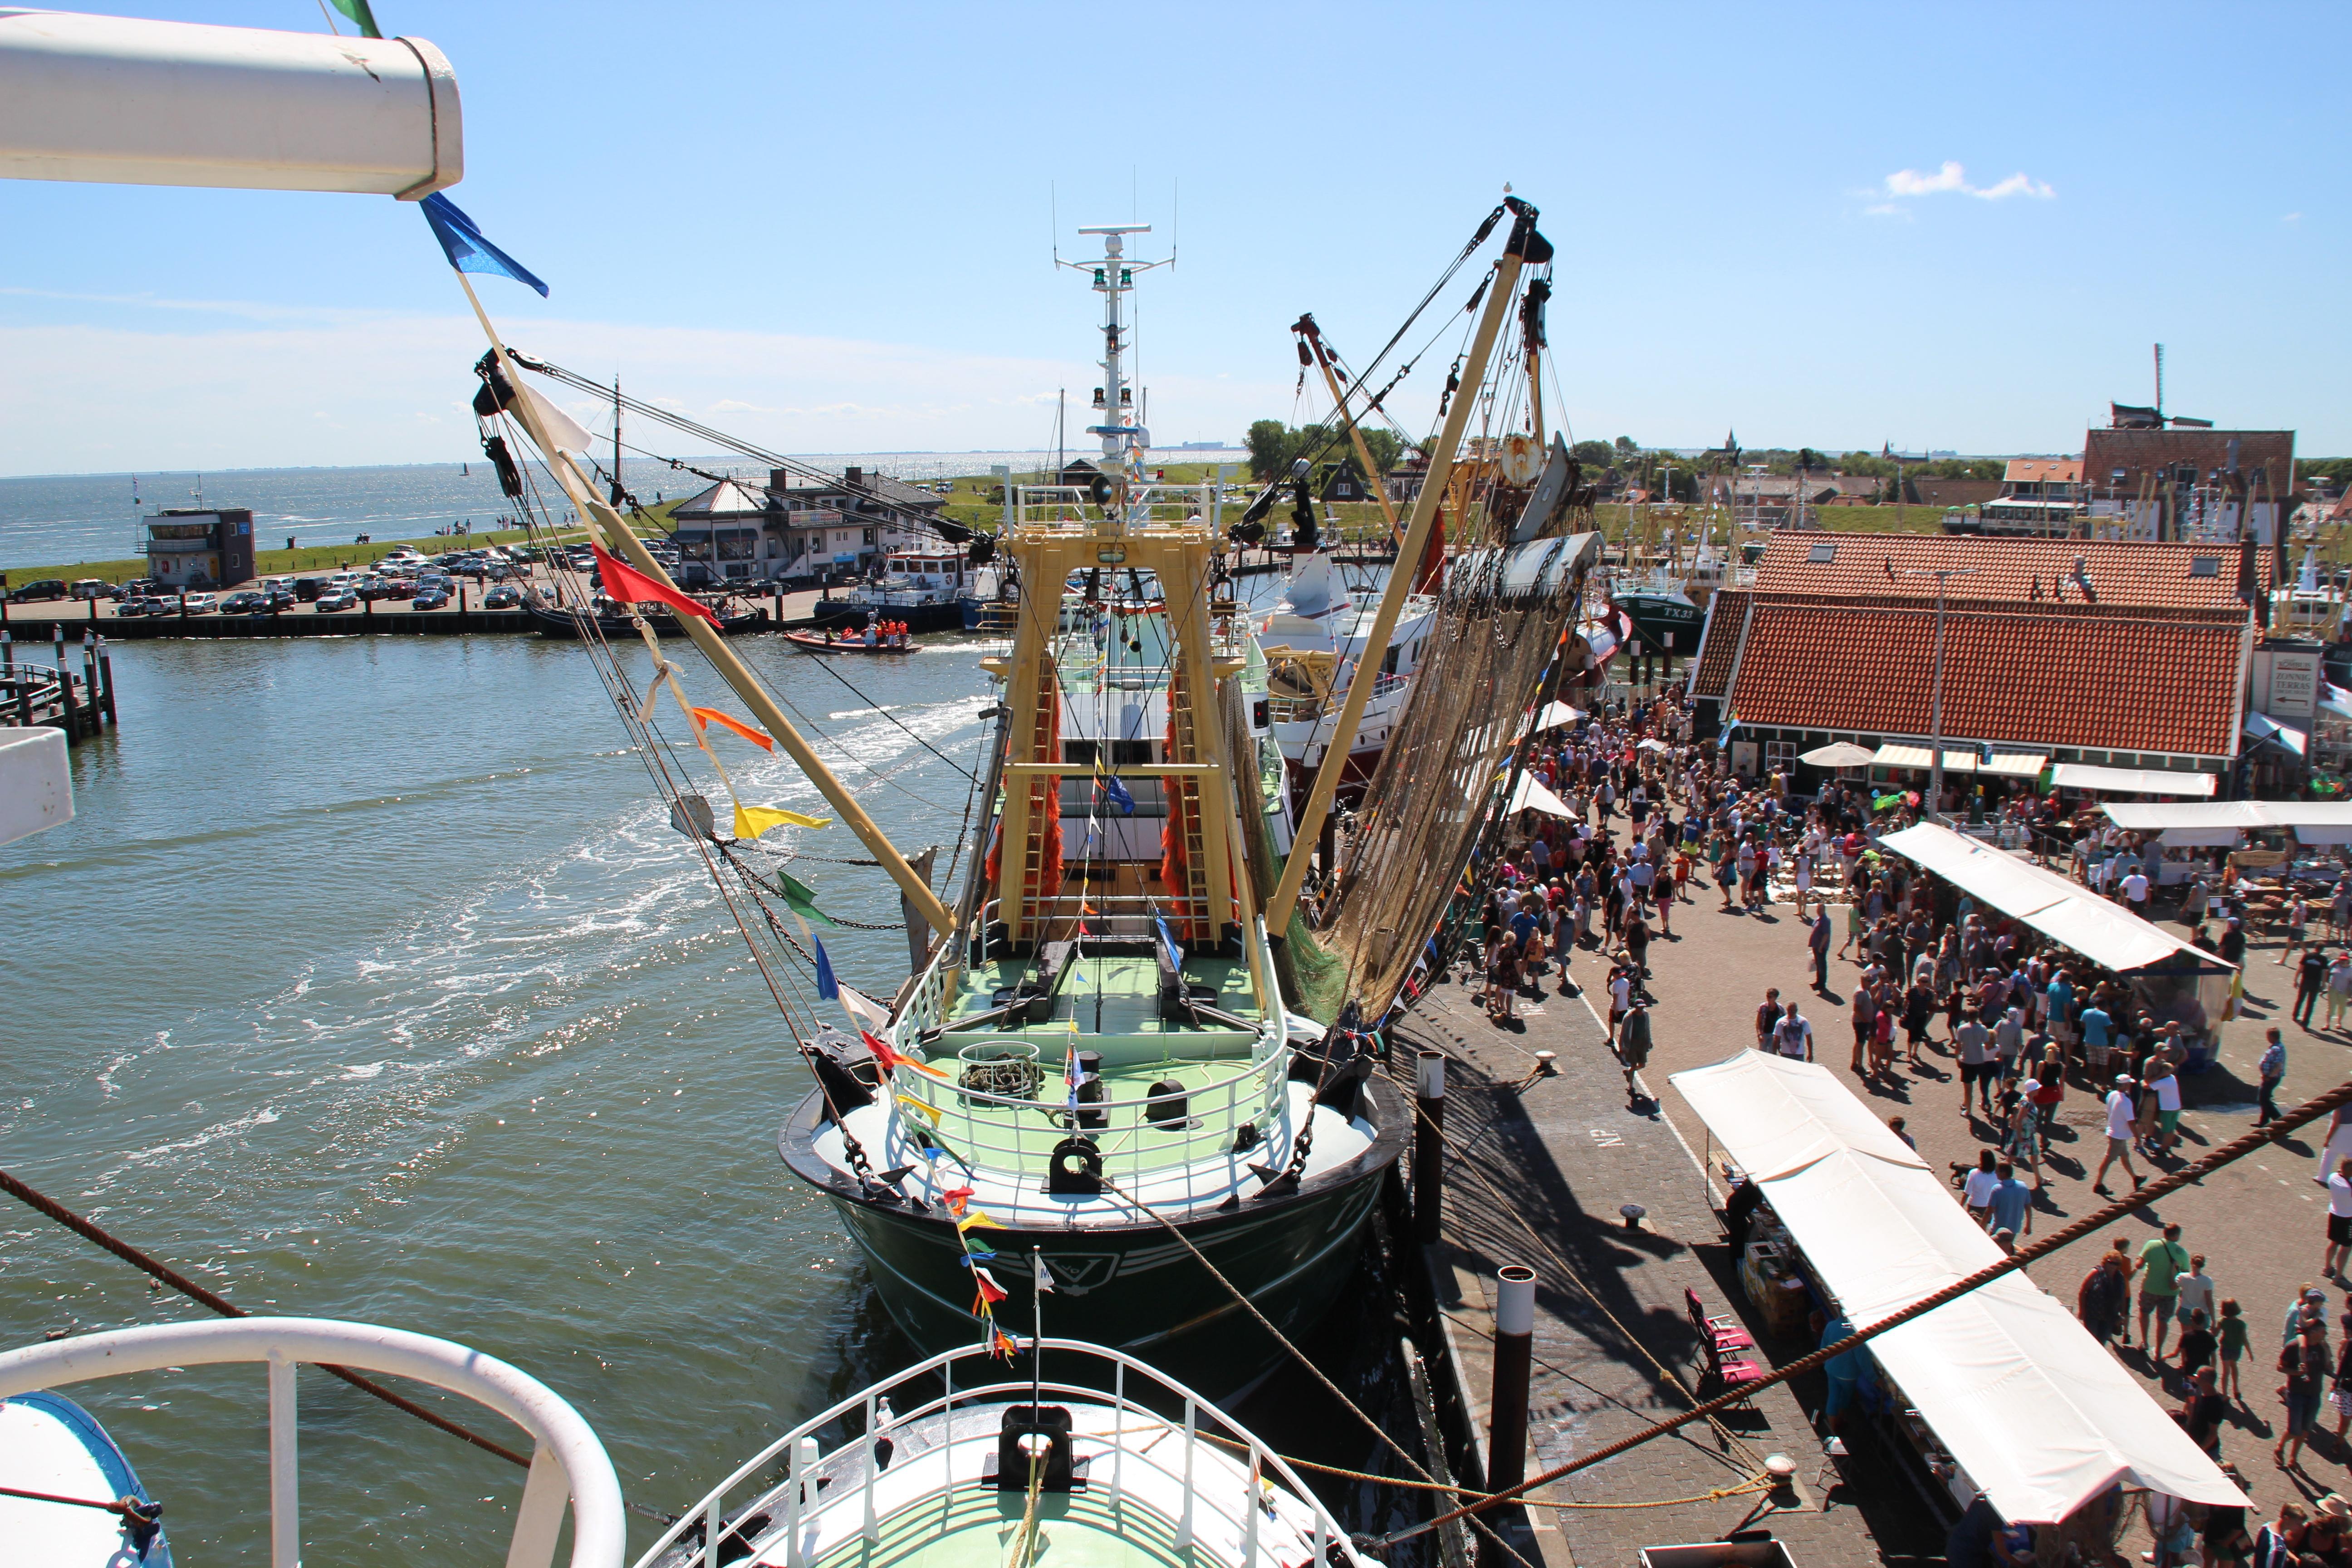 Luchtfoto kotter bij Havenvistijn oudeschild VVV Texel